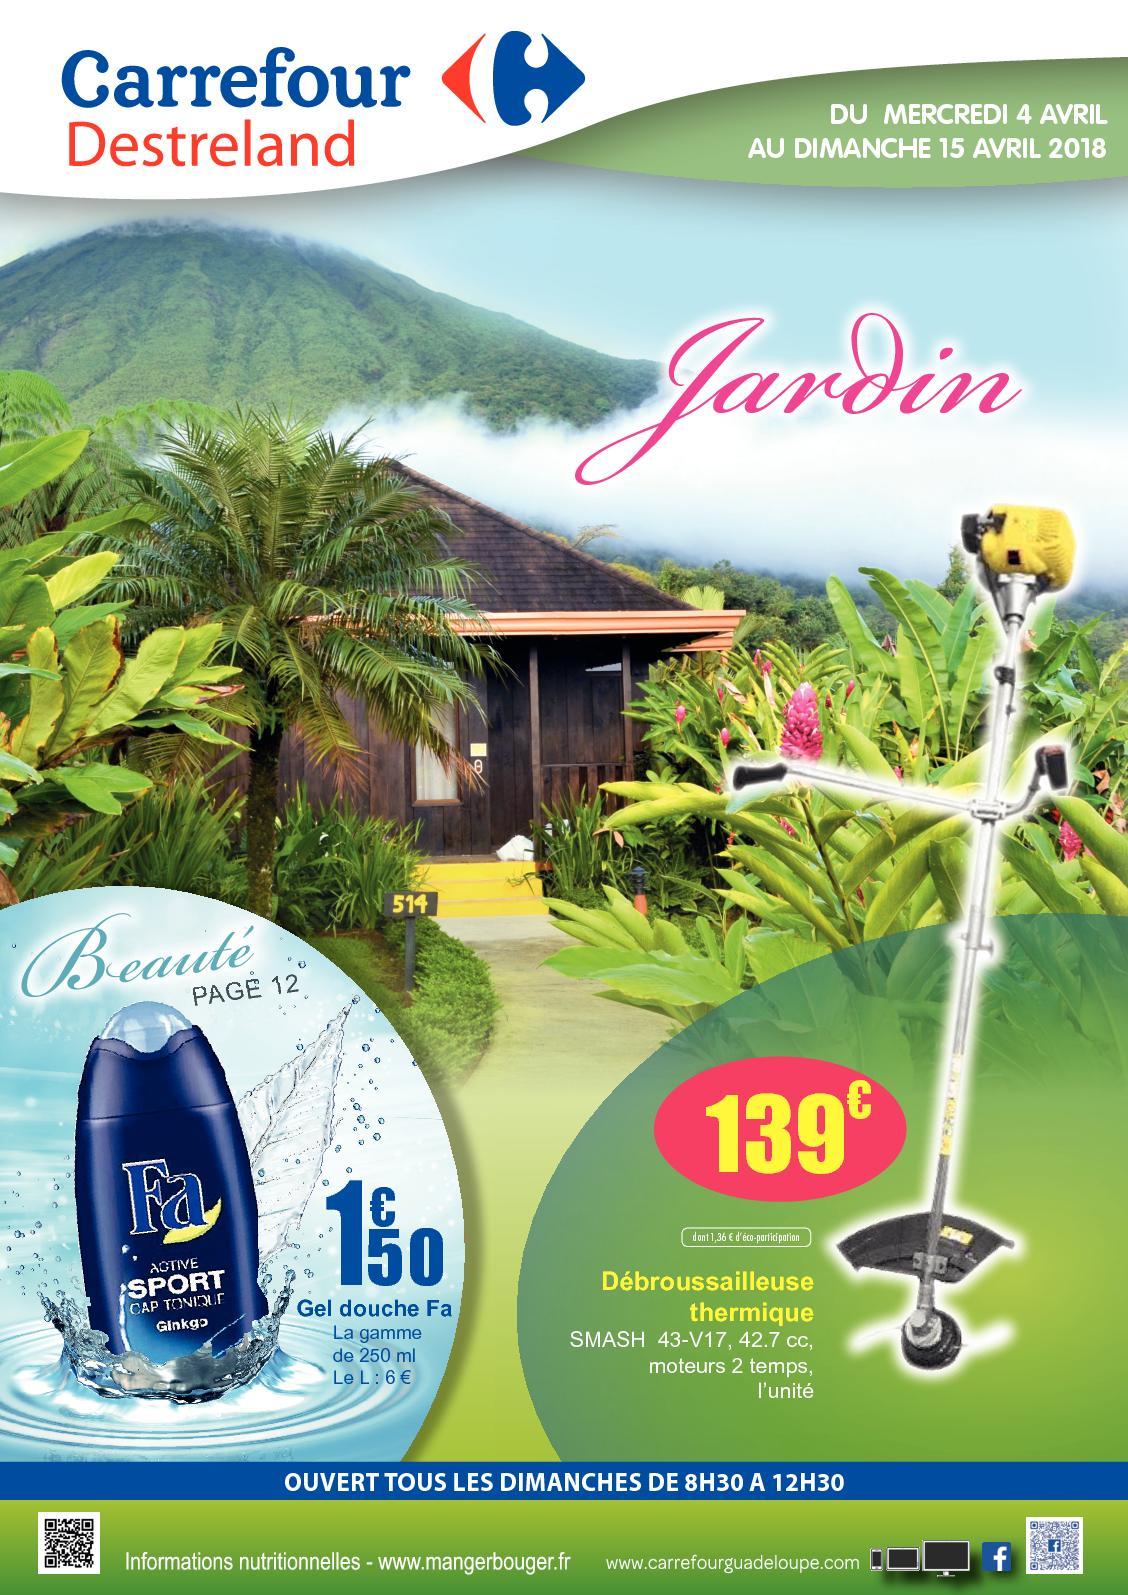 Calaméo - Carrefour Destreland Jardin 2018